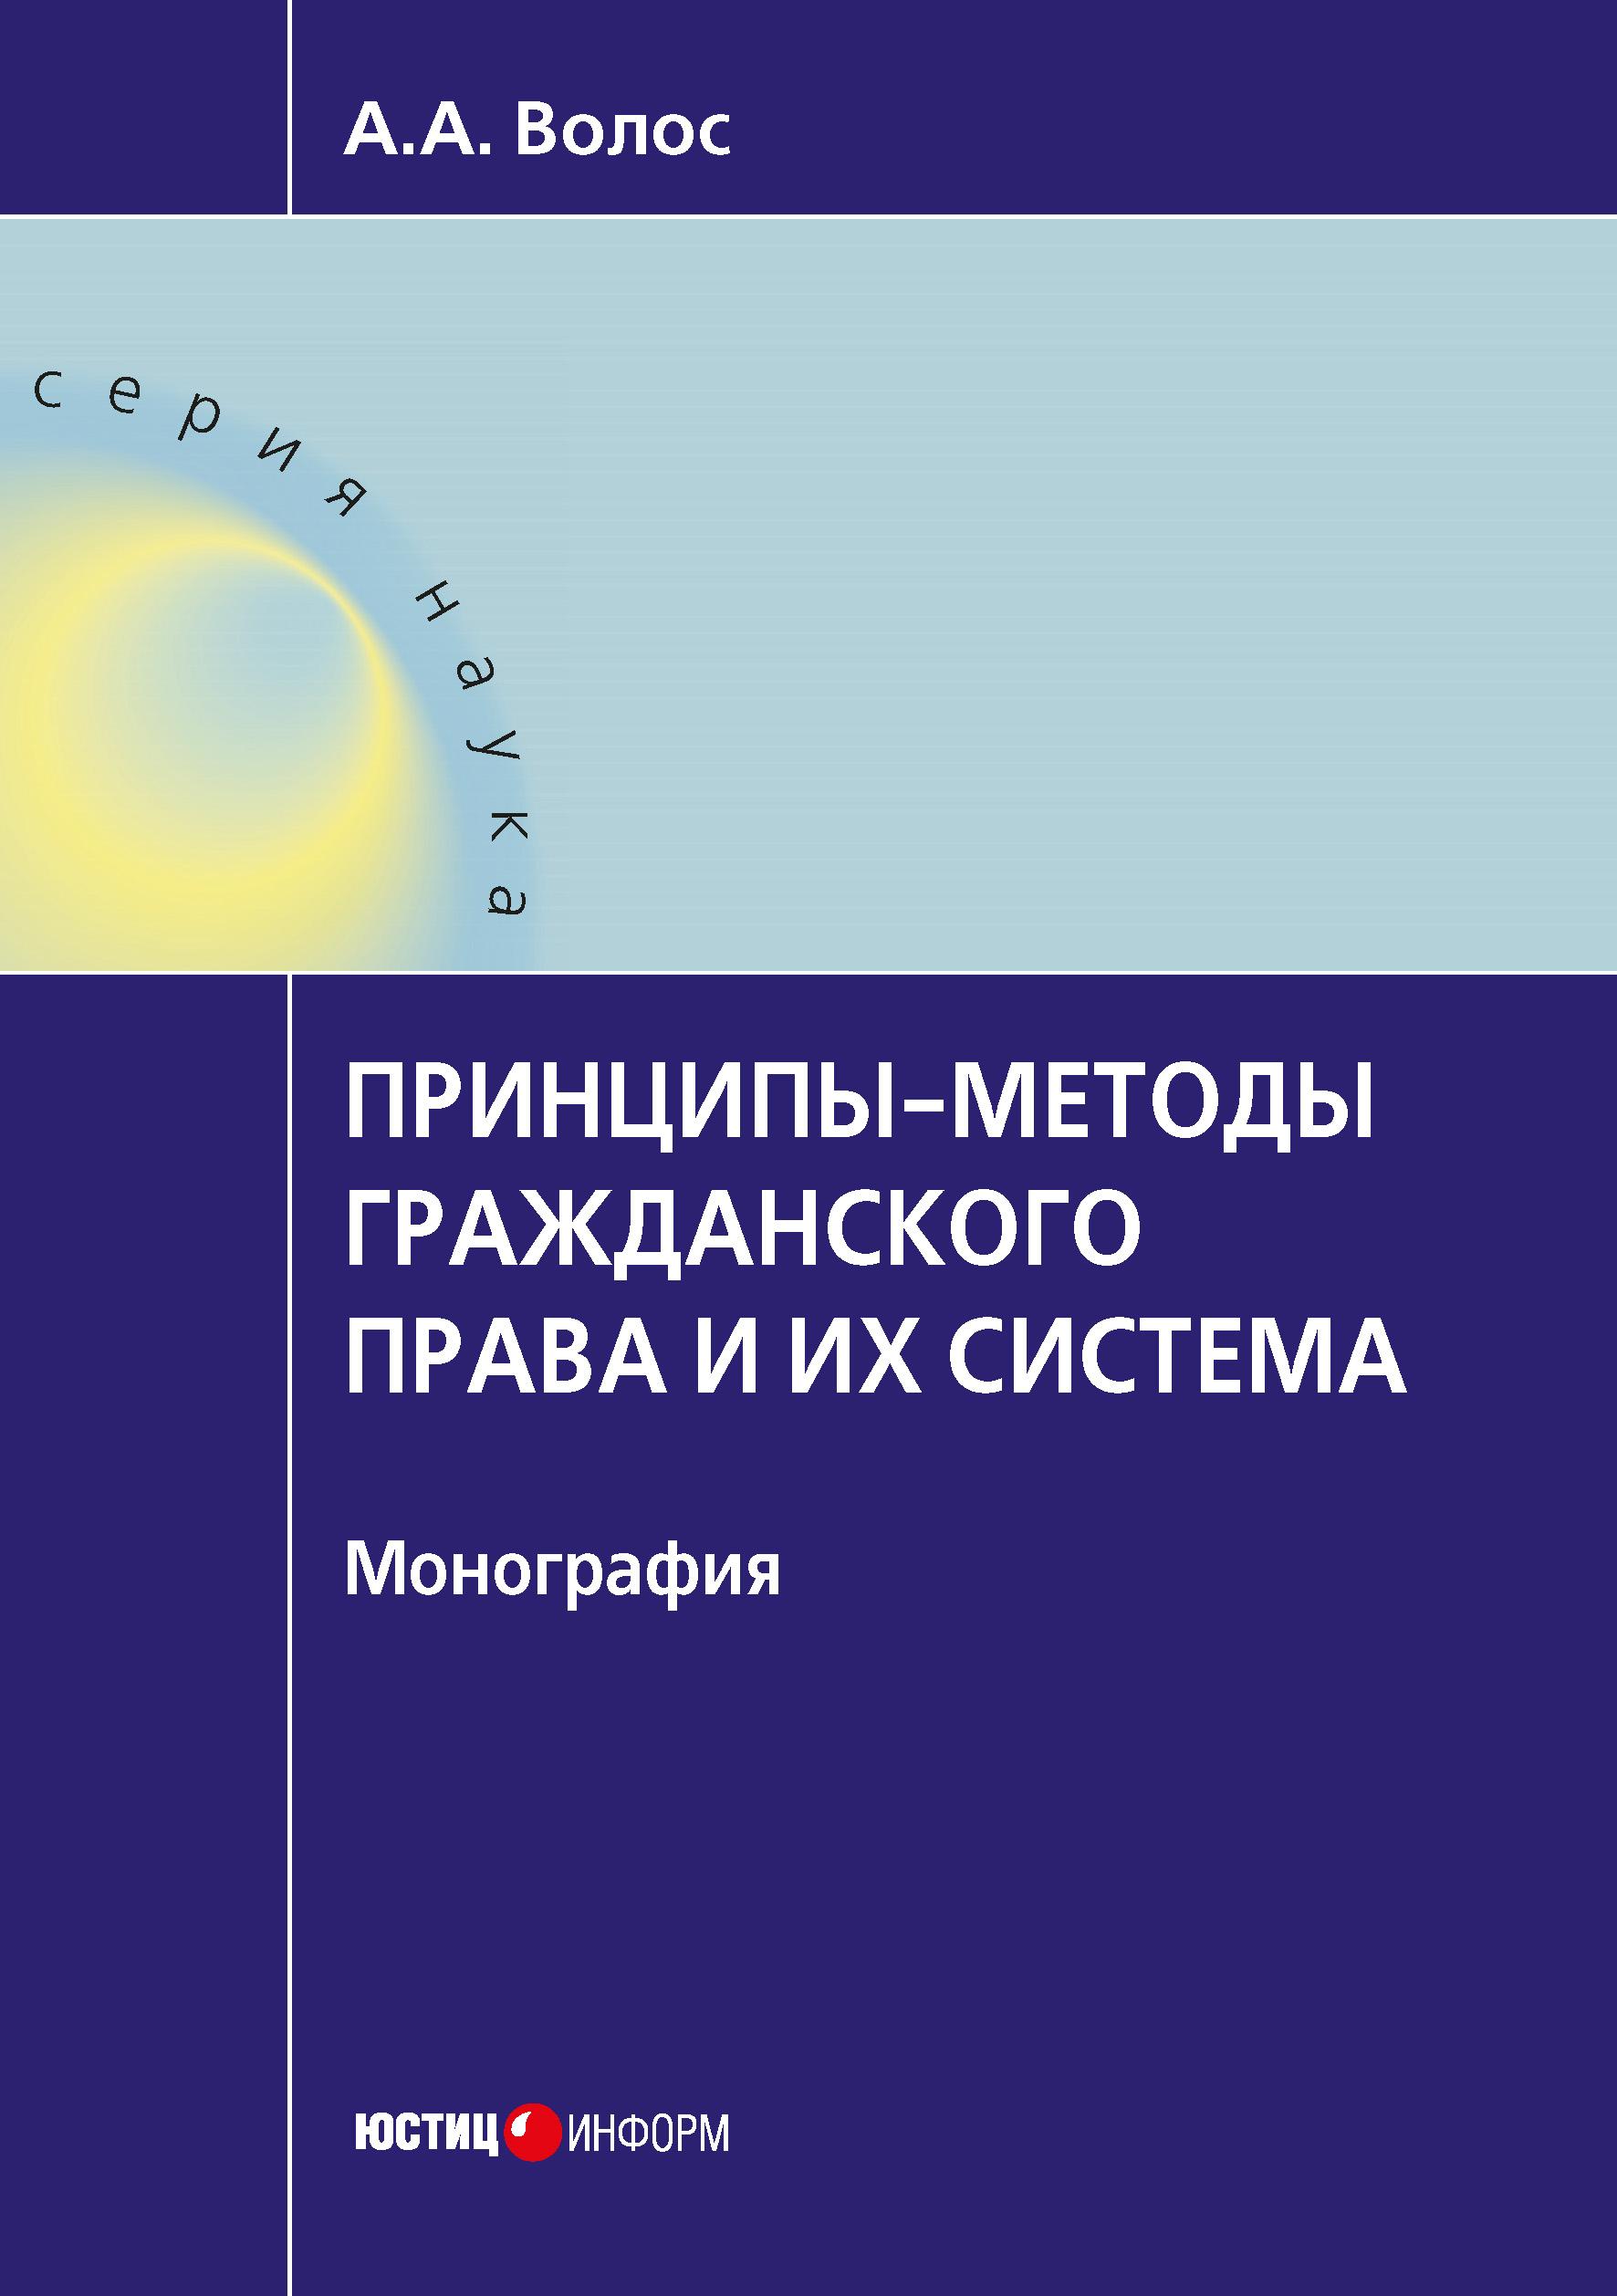 Принципы-методы гражданского права и их система